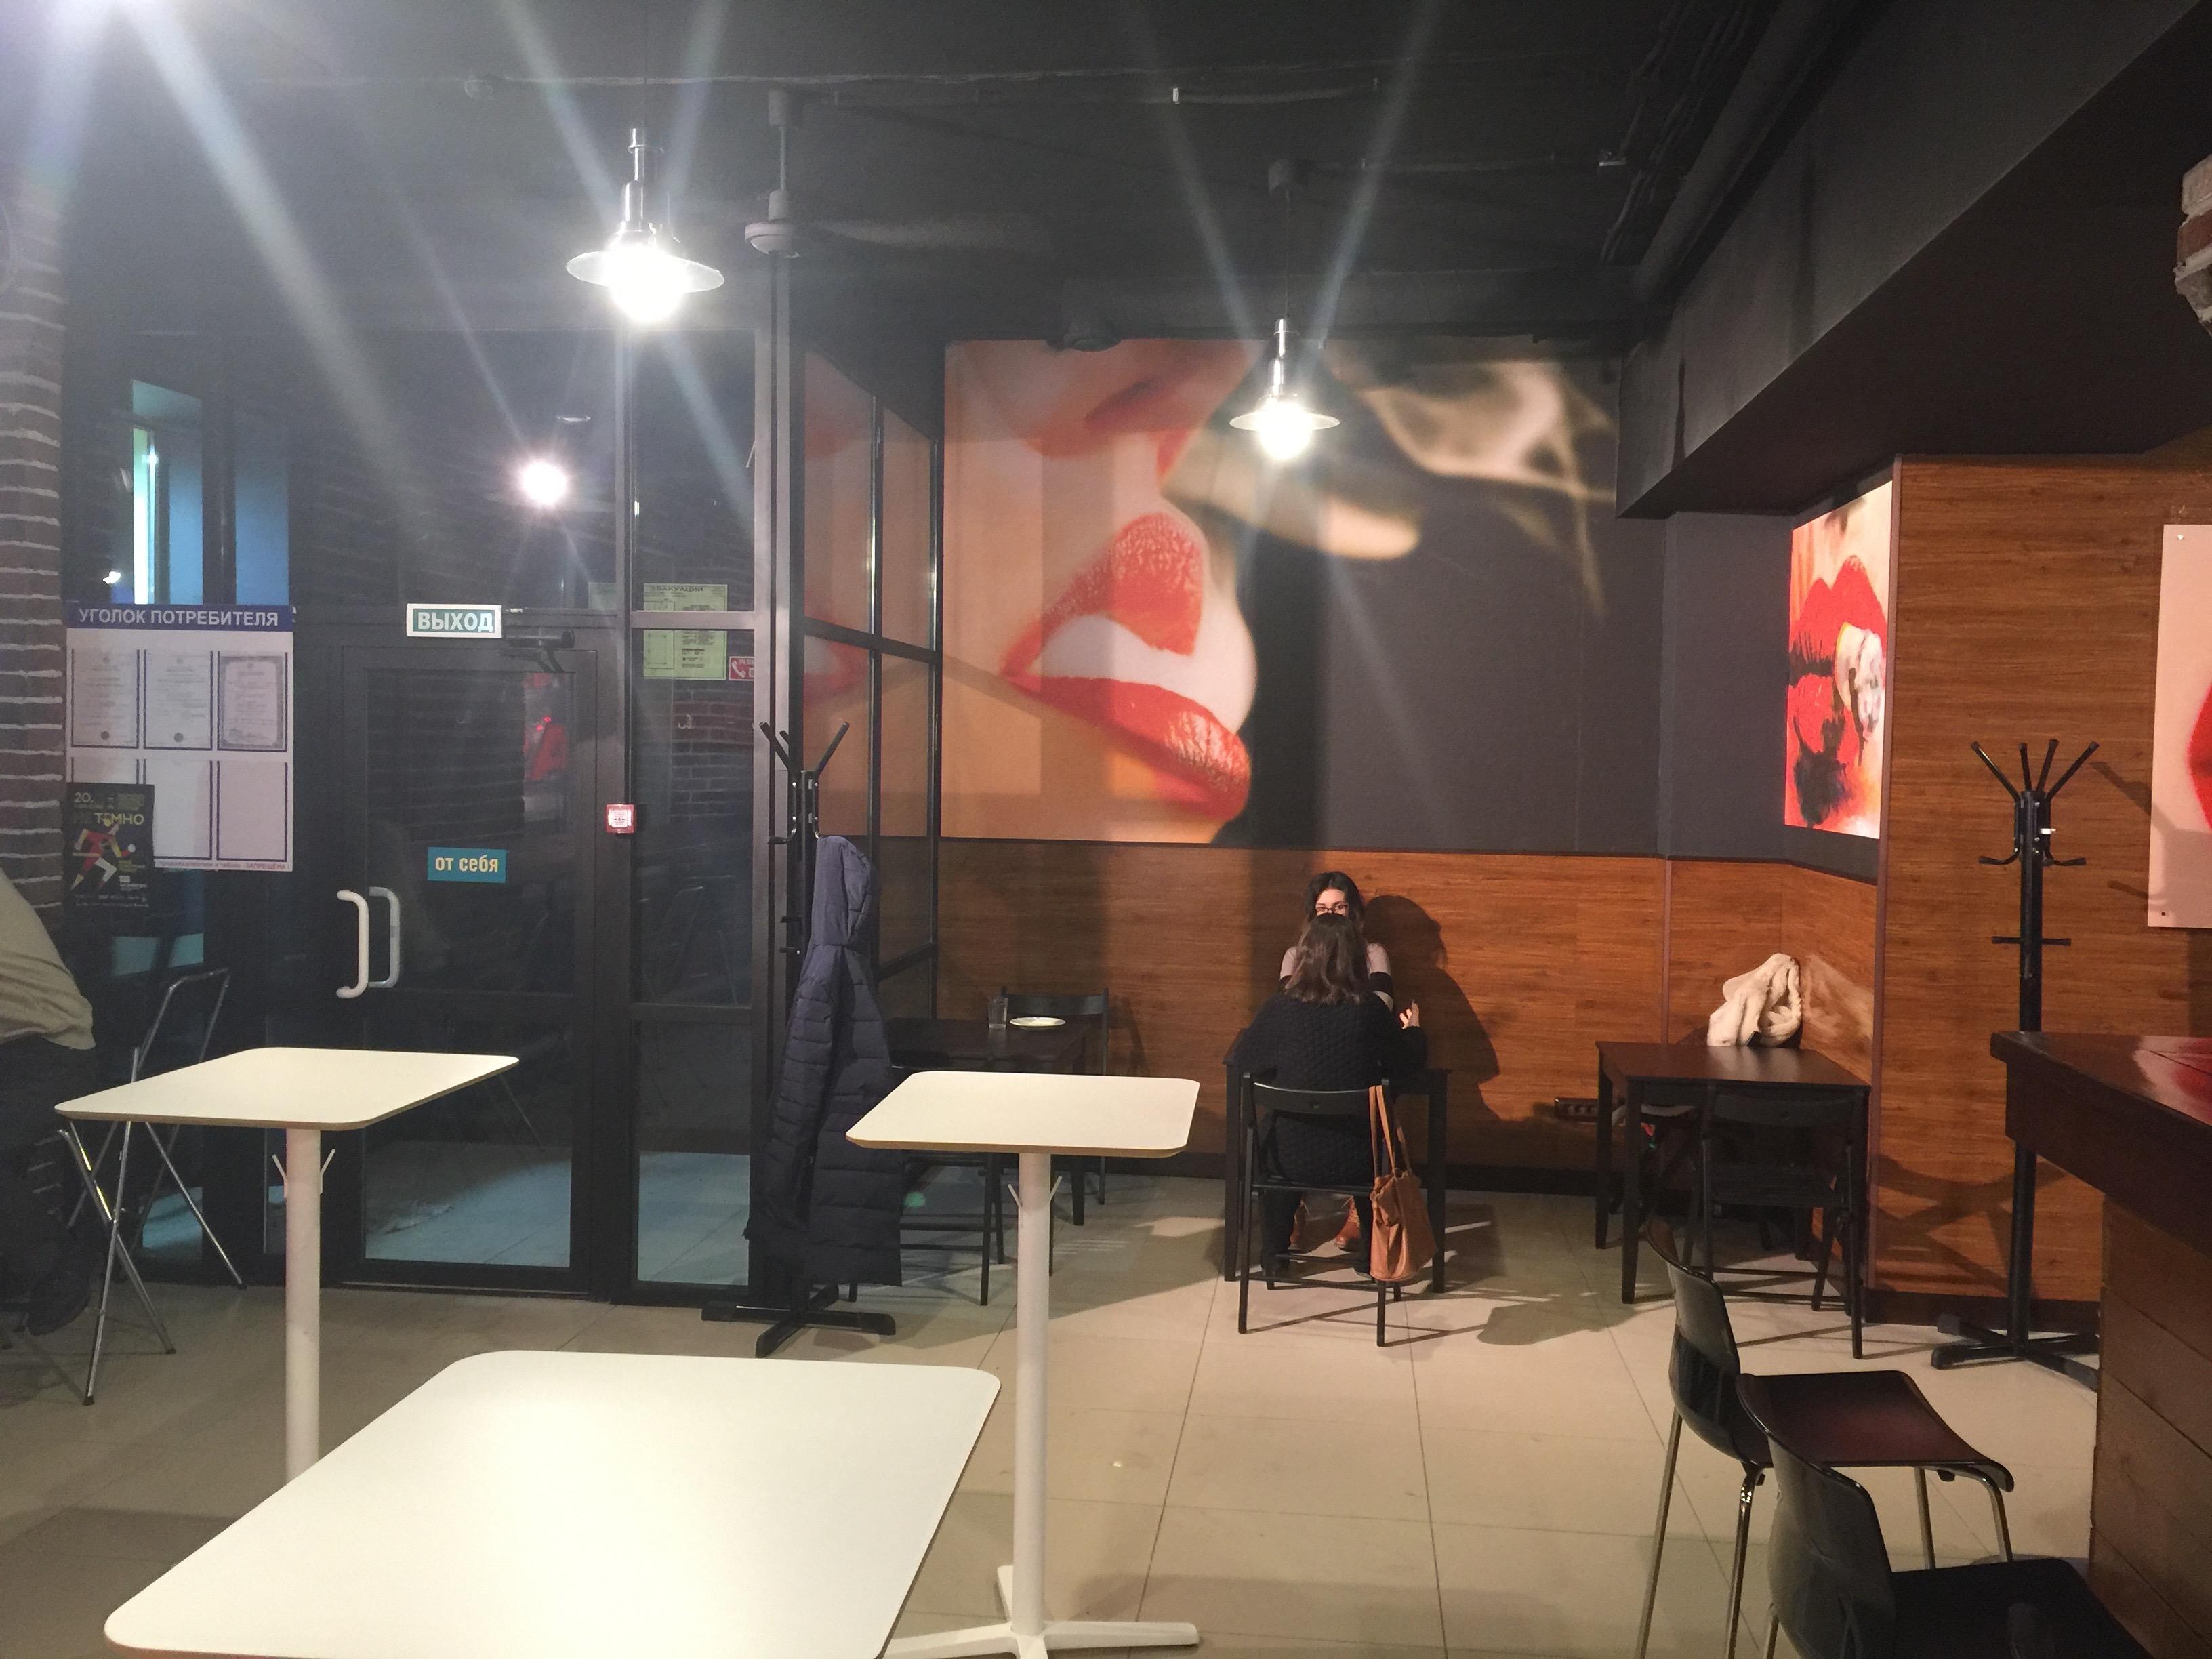 Секс за столиком в баре фото 5 фотография